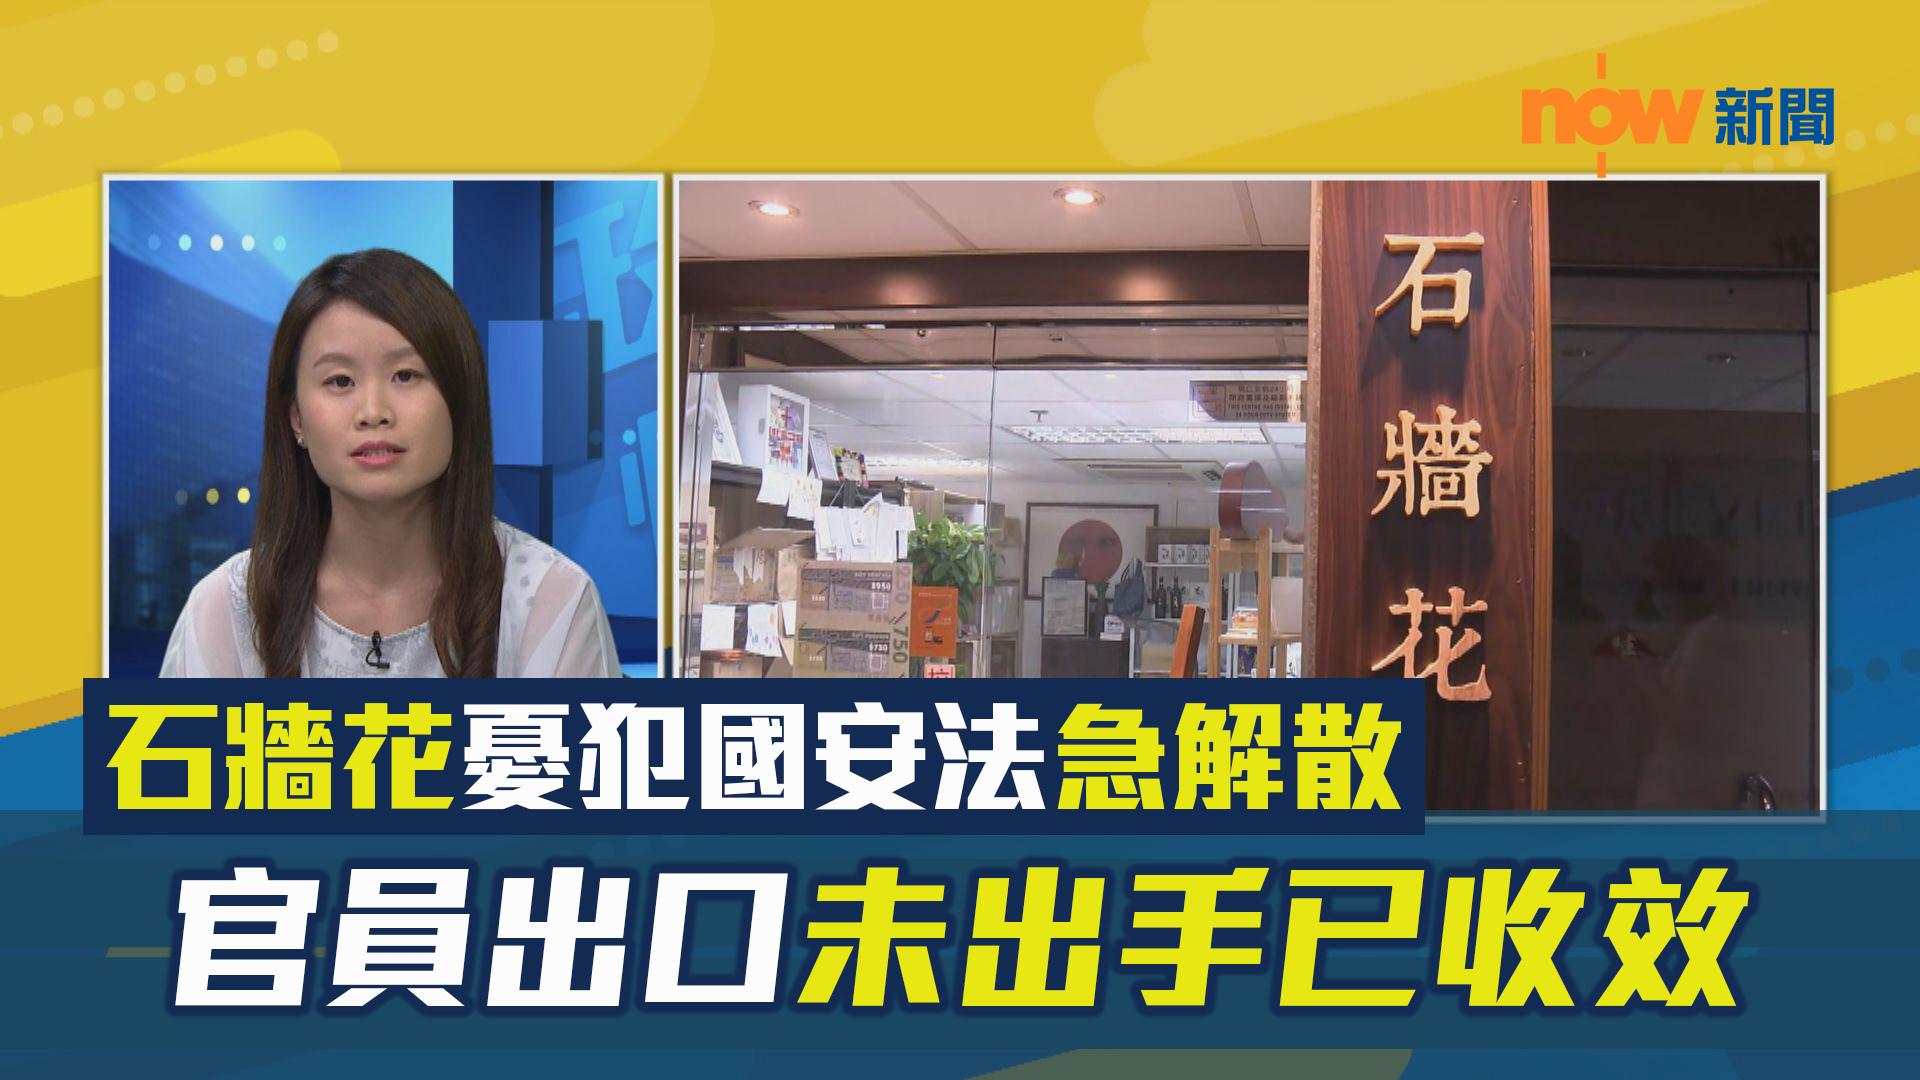 【政情】石牆花憂犯國安法急解散 官員出口未出手已收效